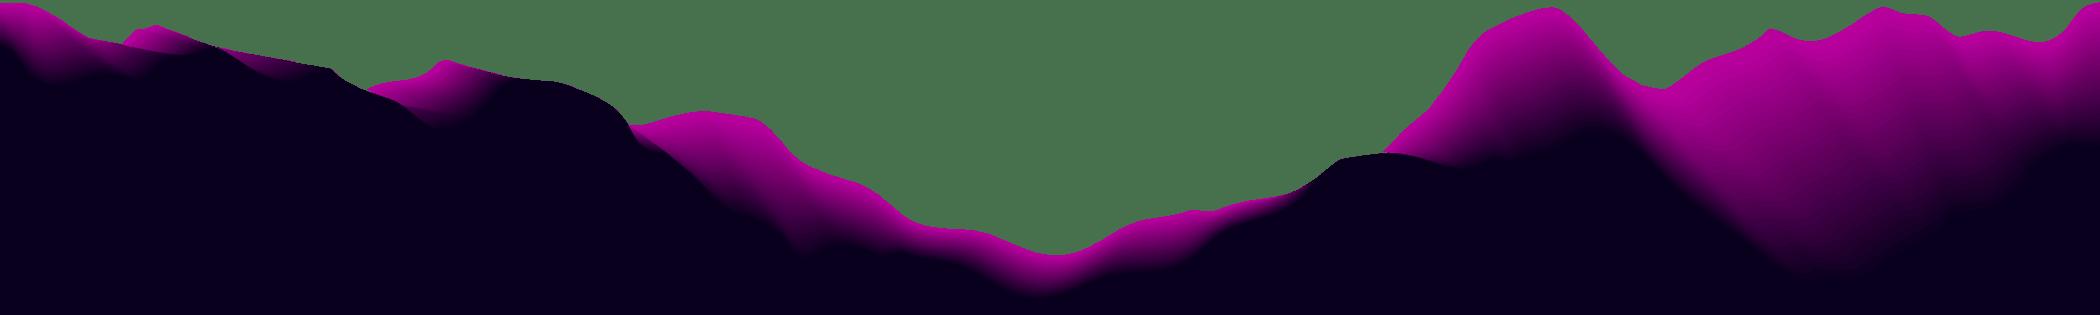 https://i1.wp.com/www.magiadosole.com/wp-content/uploads/2018/05/purple_top_divider.png?fit=2100%2C315&ssl=1